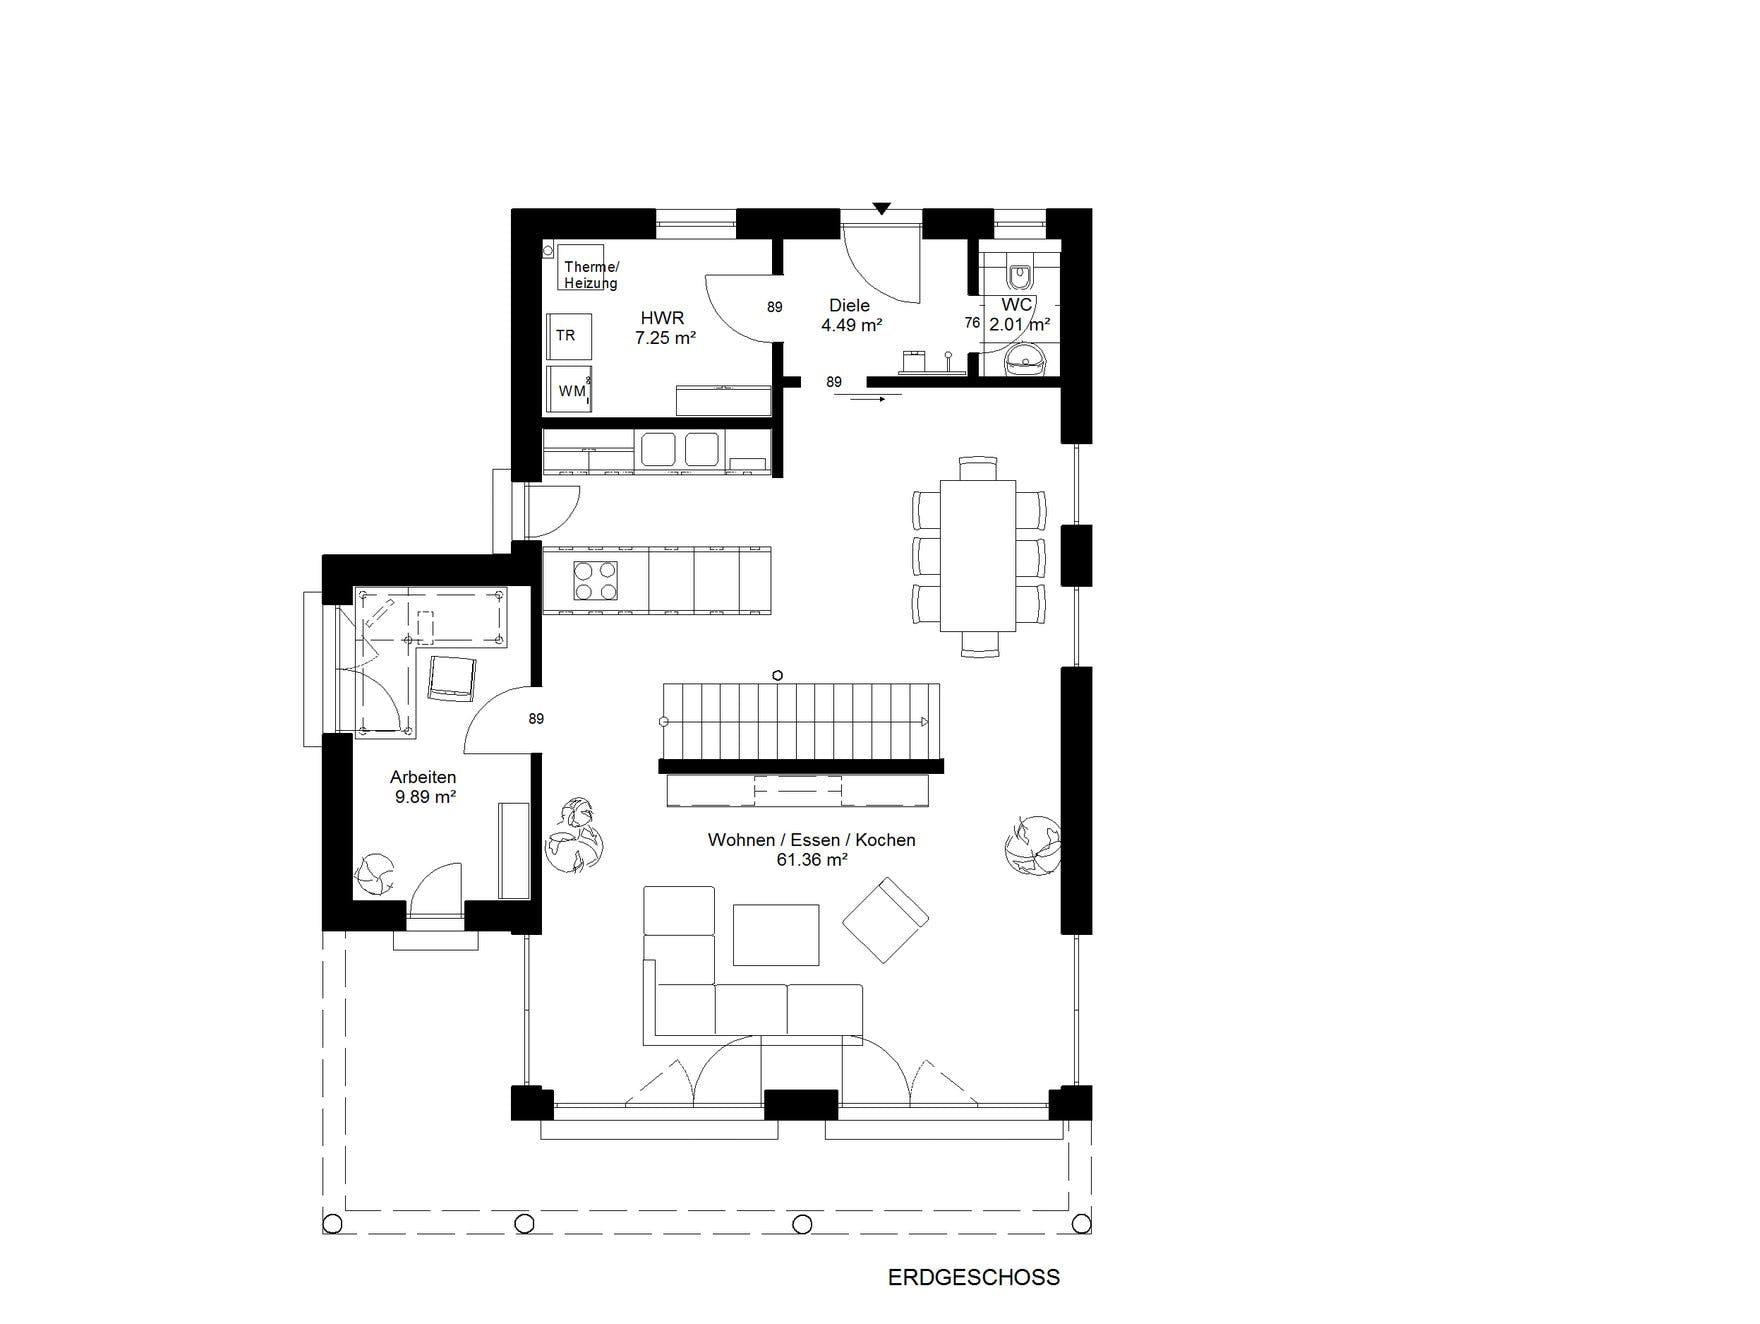 Modell 8 floor_plans 1